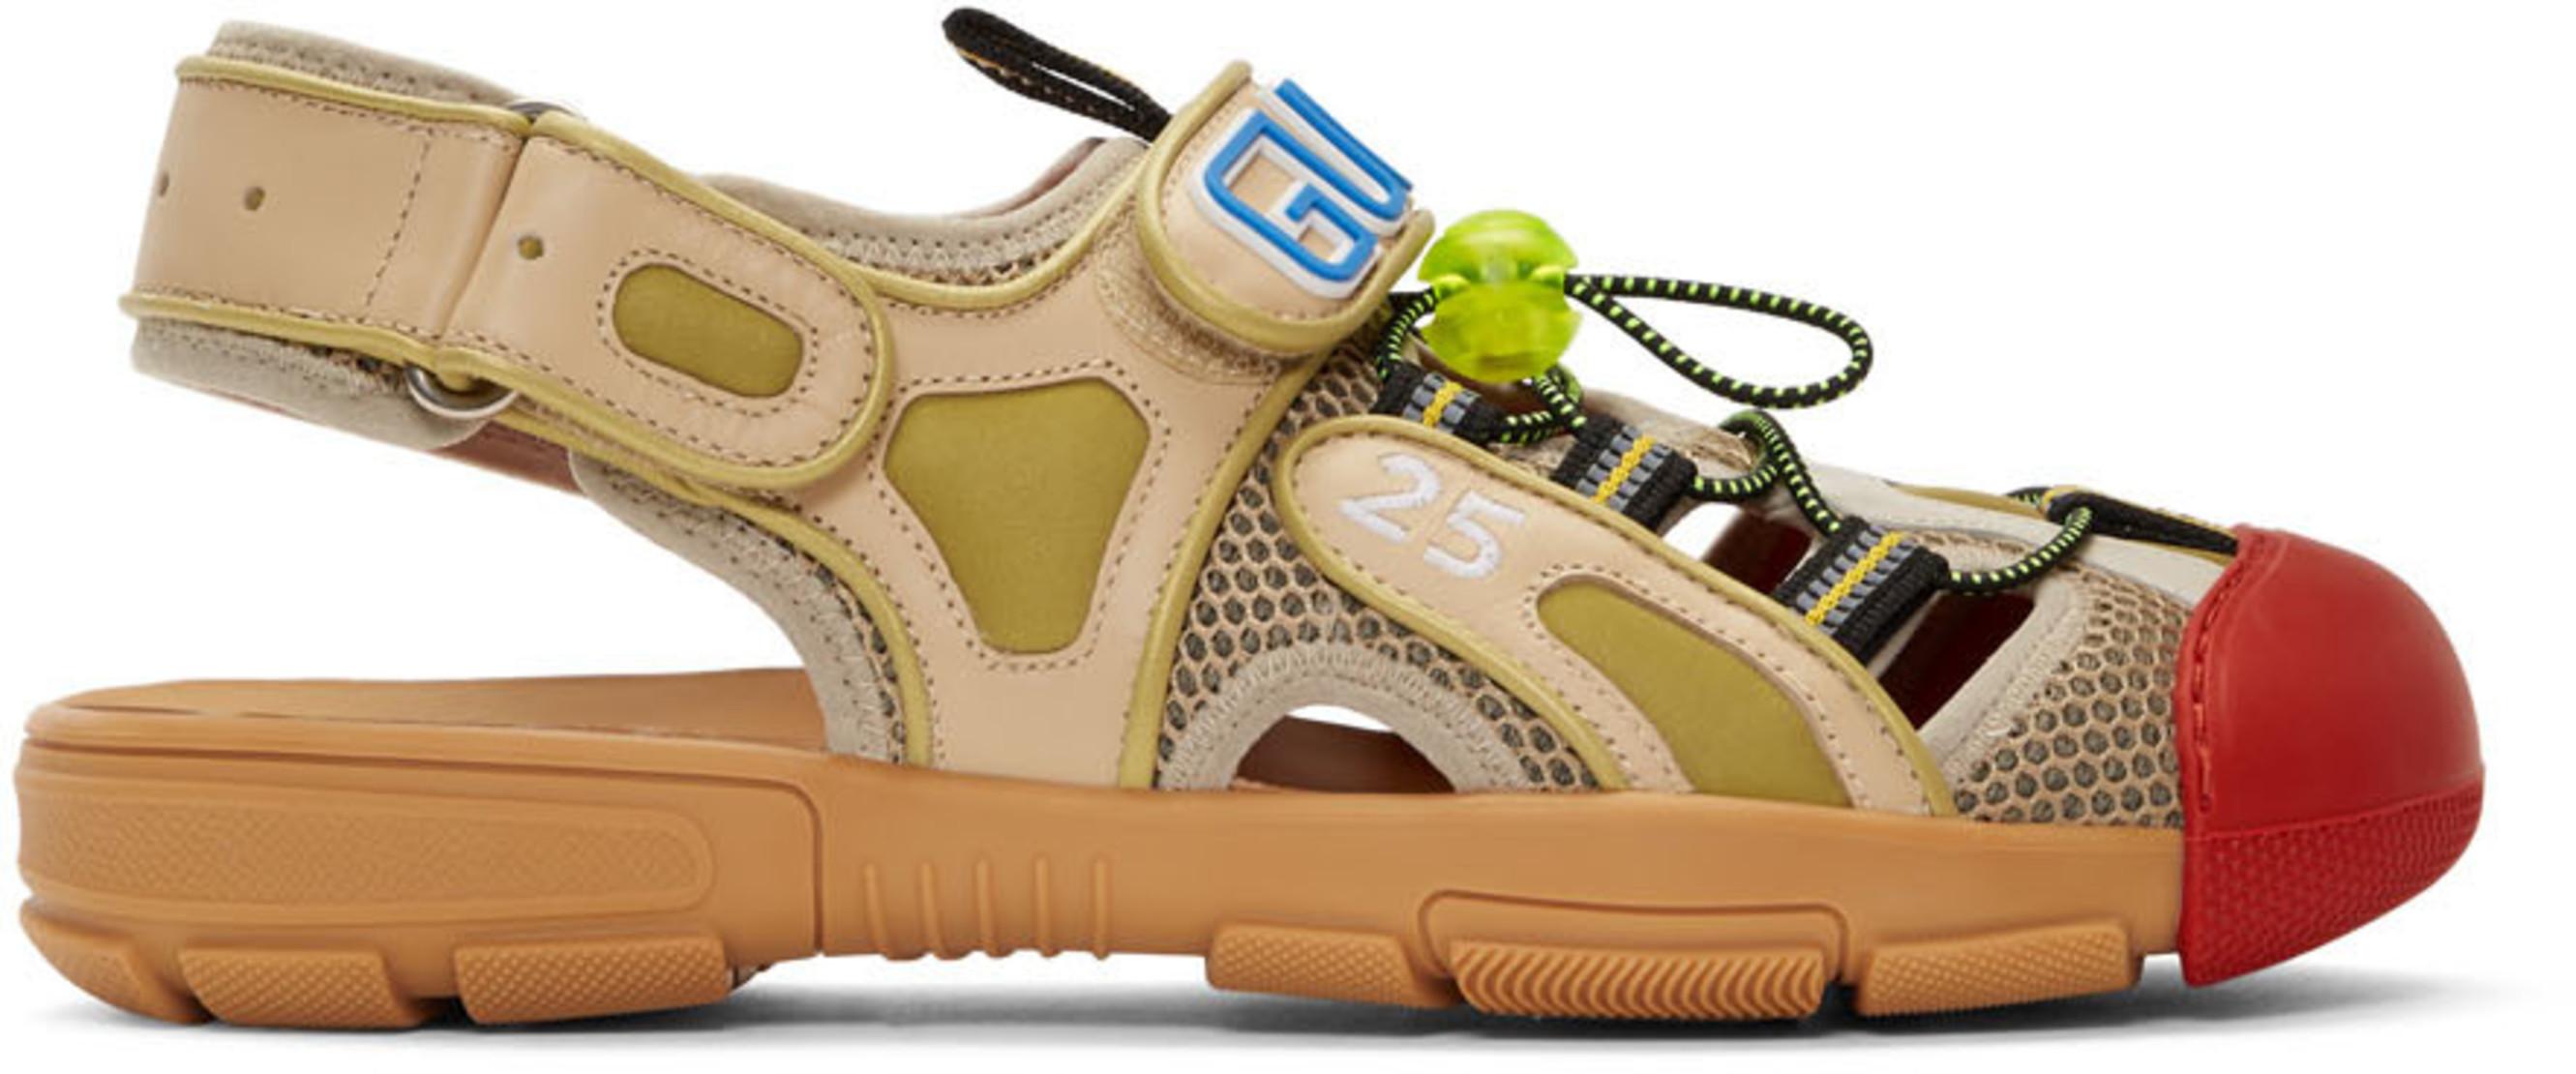 2a9ab7644c5 Gucci shoes for Men